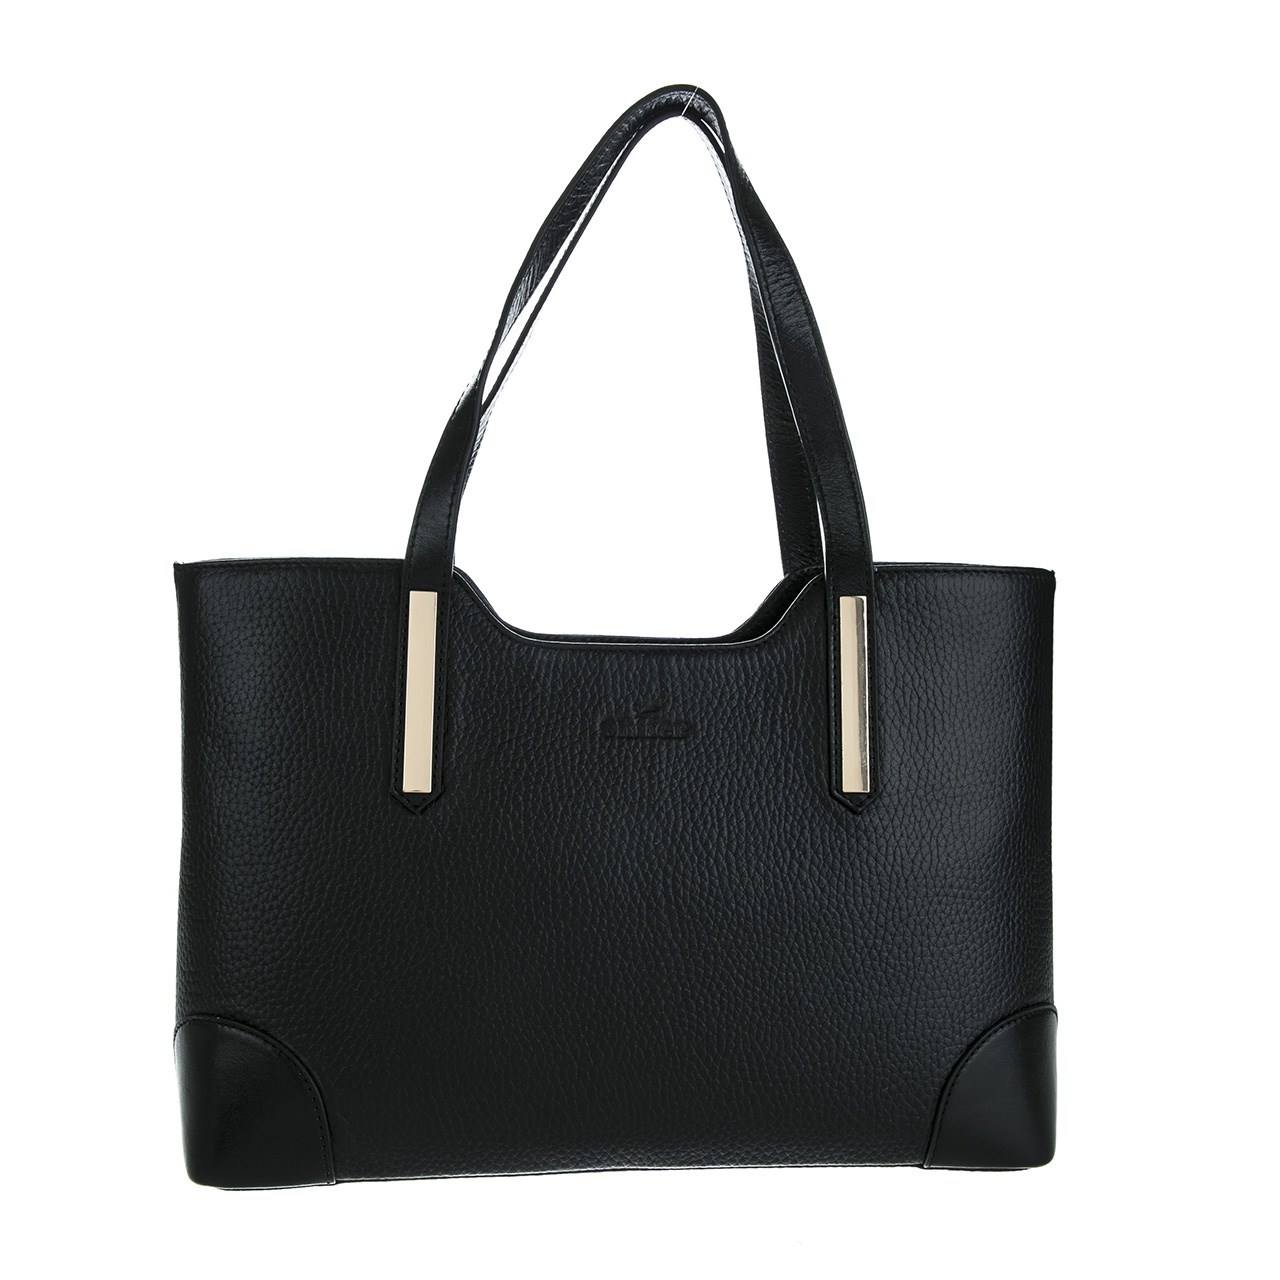 کیف دستی زنانه شیفر مدل 9885B01 -  - 1